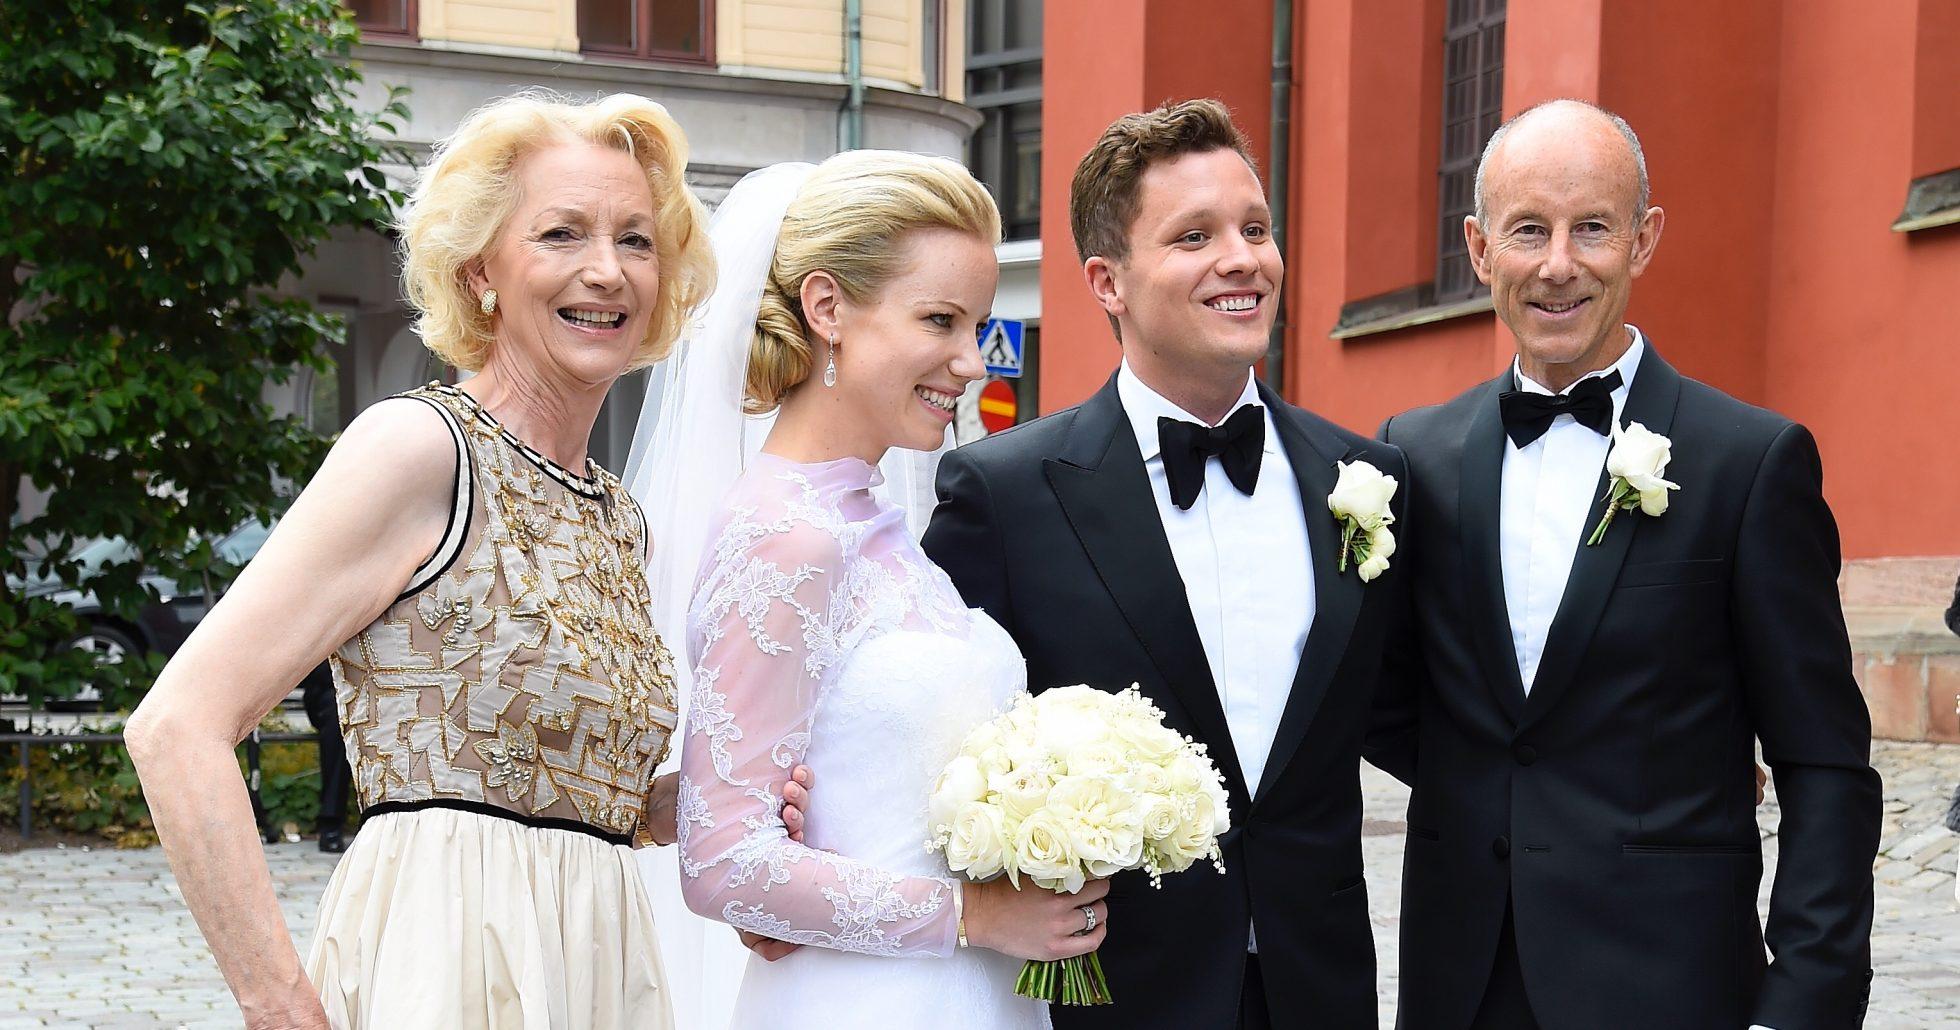 Bröllopsyra när Ingemar Stenmarks dotter gifte sig!